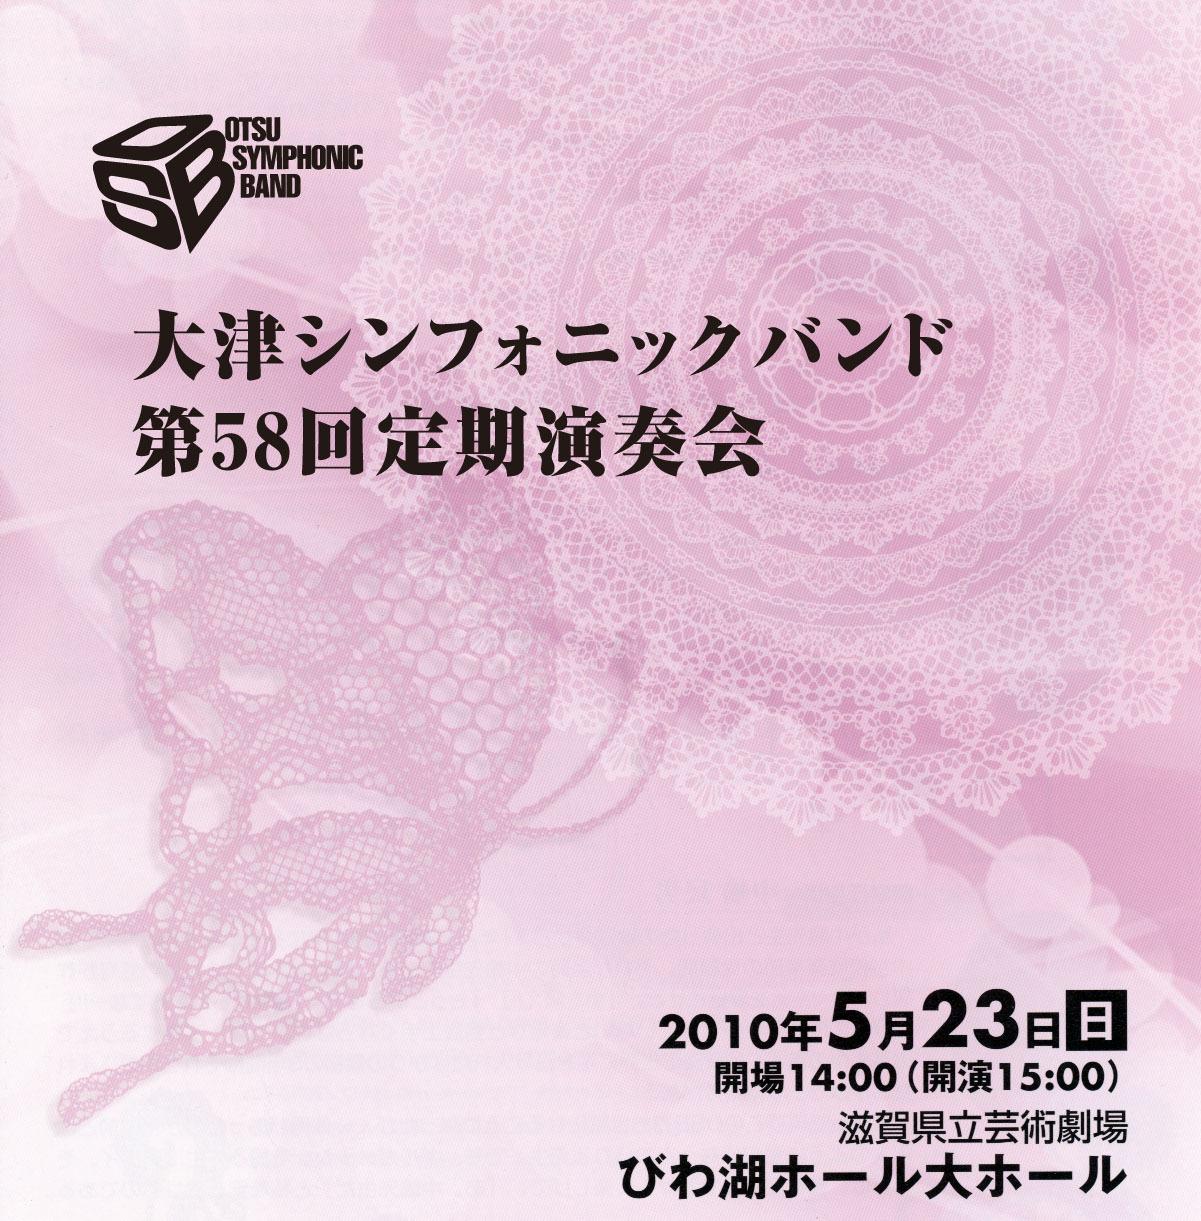 大津シンフォニックバンド 第58回定期演奏会[2010年5月23日]